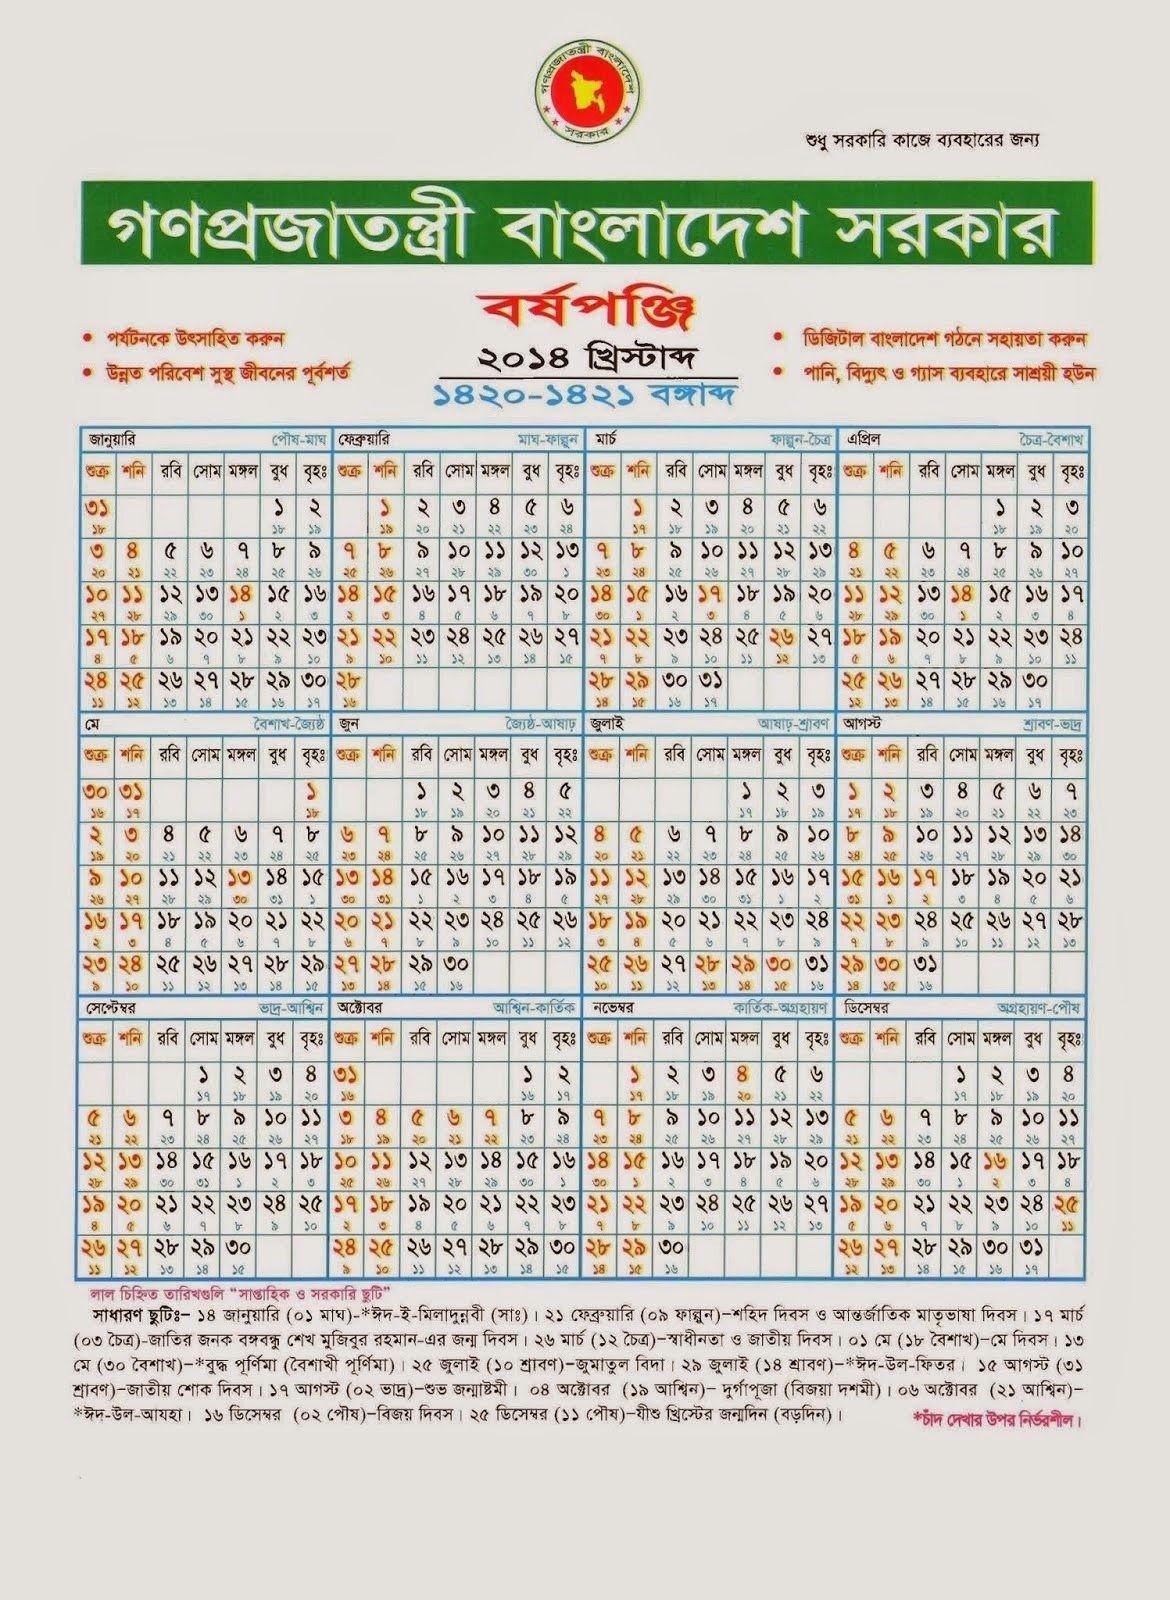 Calendar 2015 With Bangla Calendar | Example Calendar Printable with regard to Bangla Calendar 2015